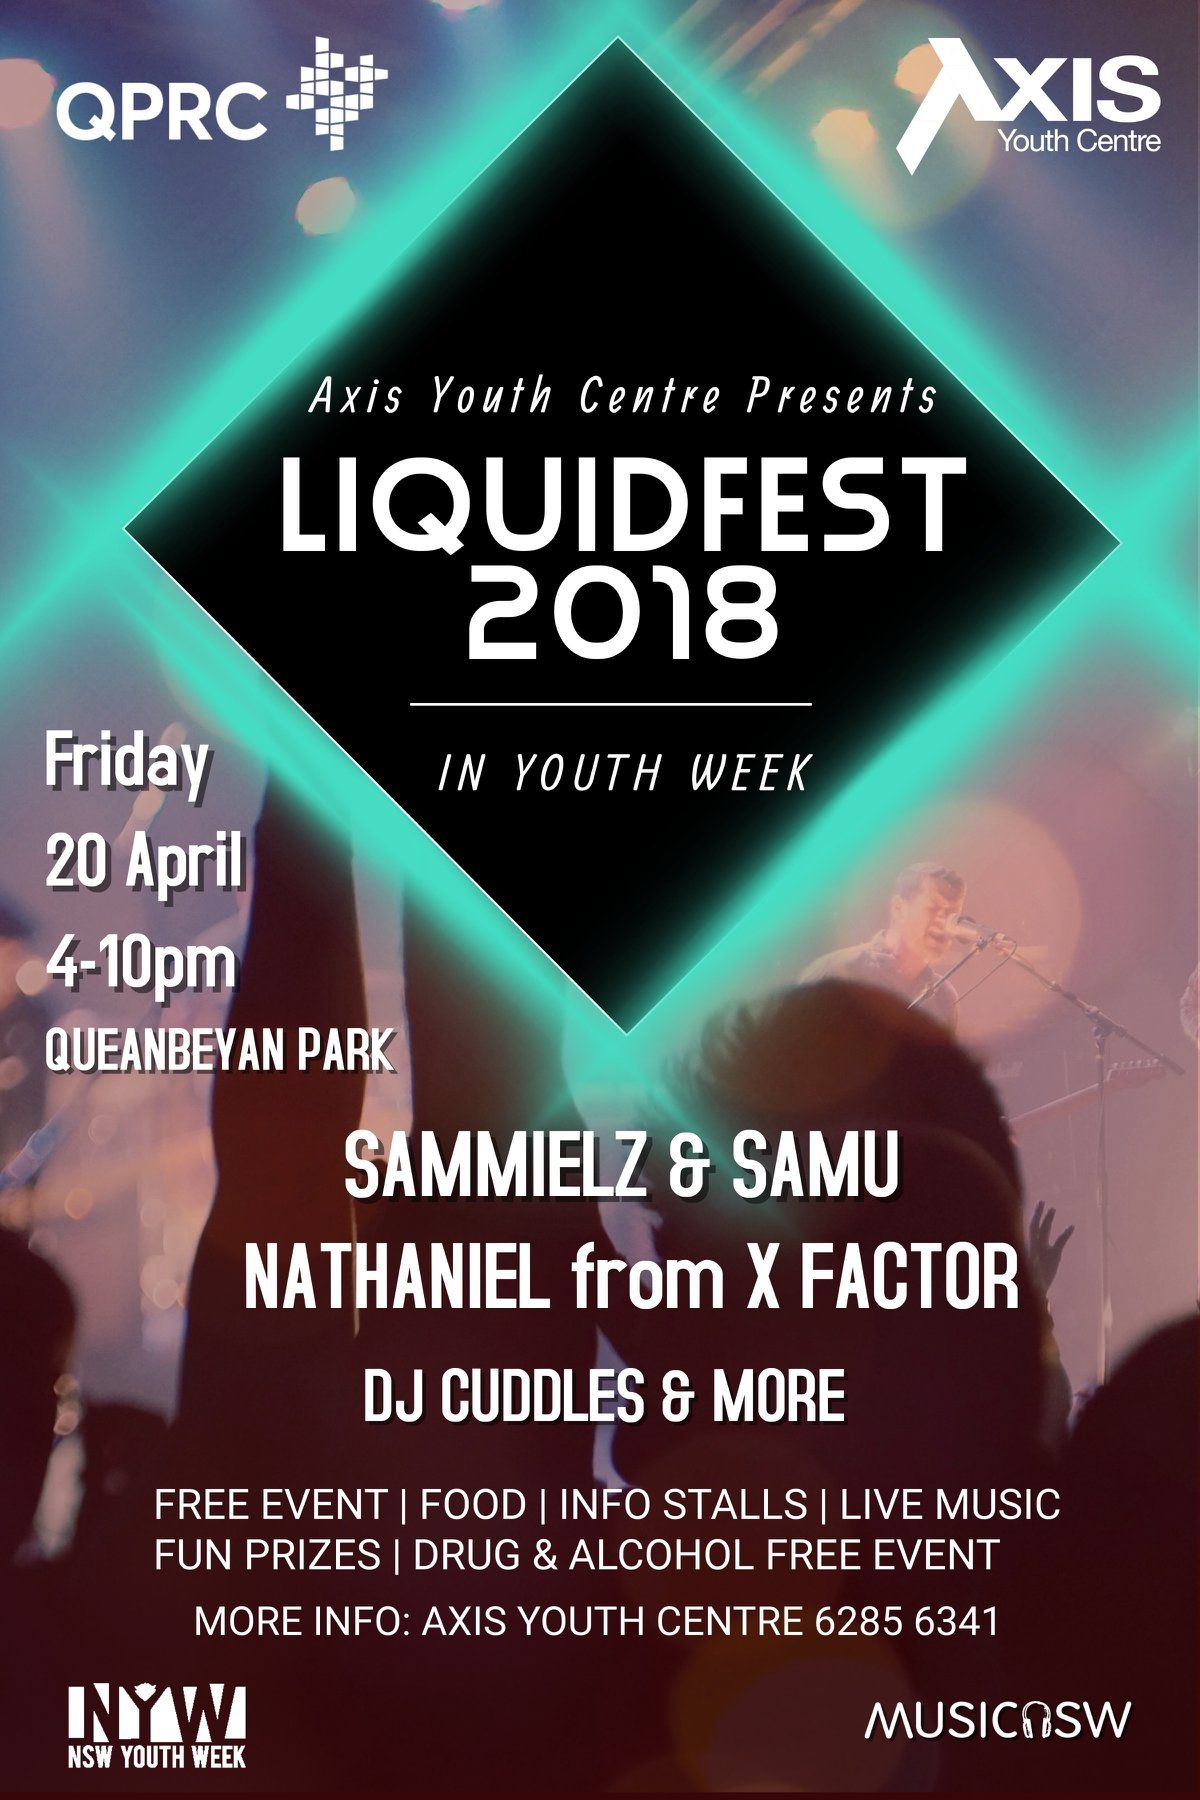 LiquidFest 2018